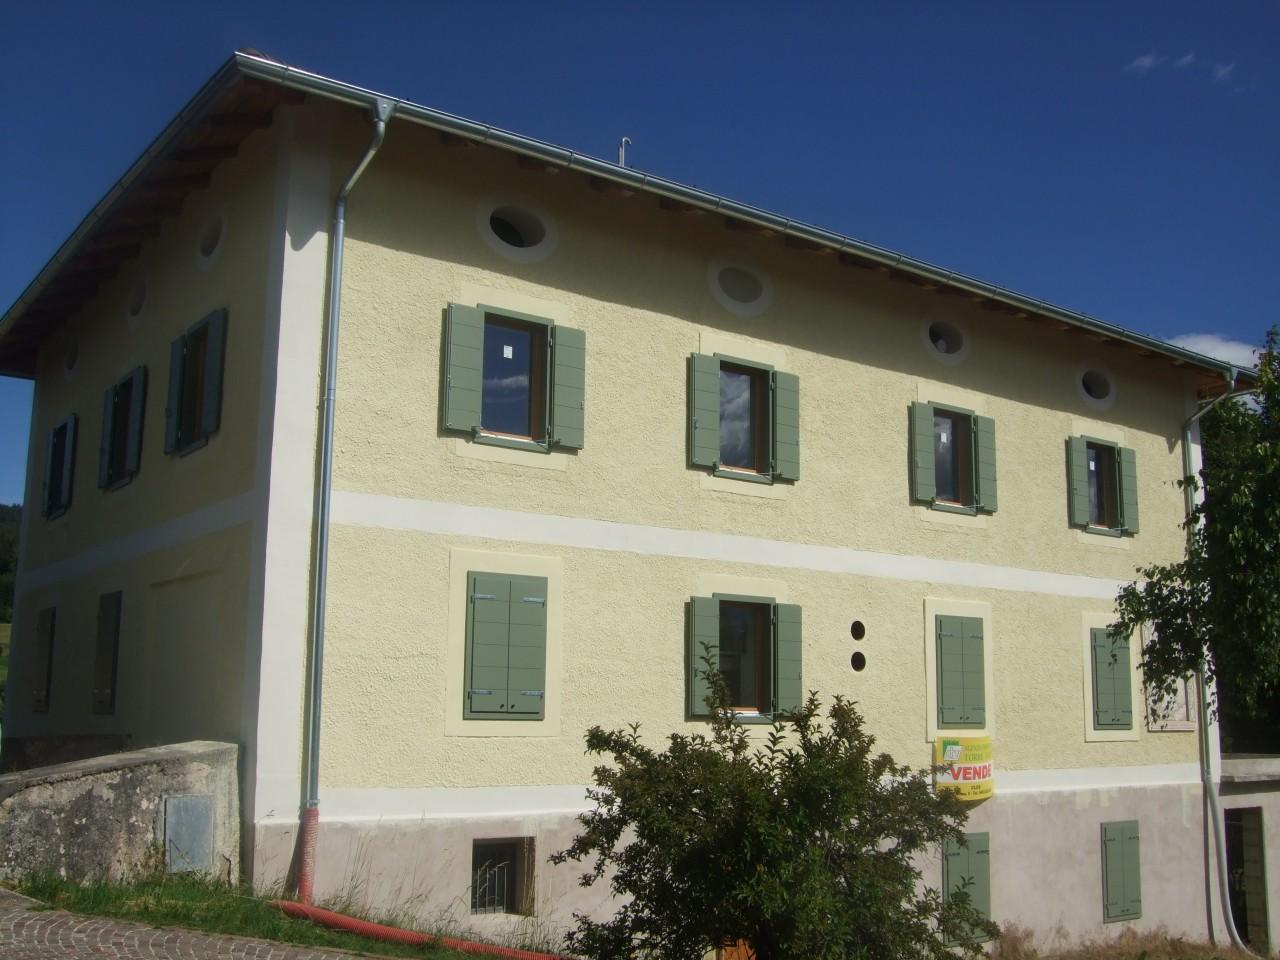 Sfruz - Appartamento in edificio storico in fase di ristrutturazione.